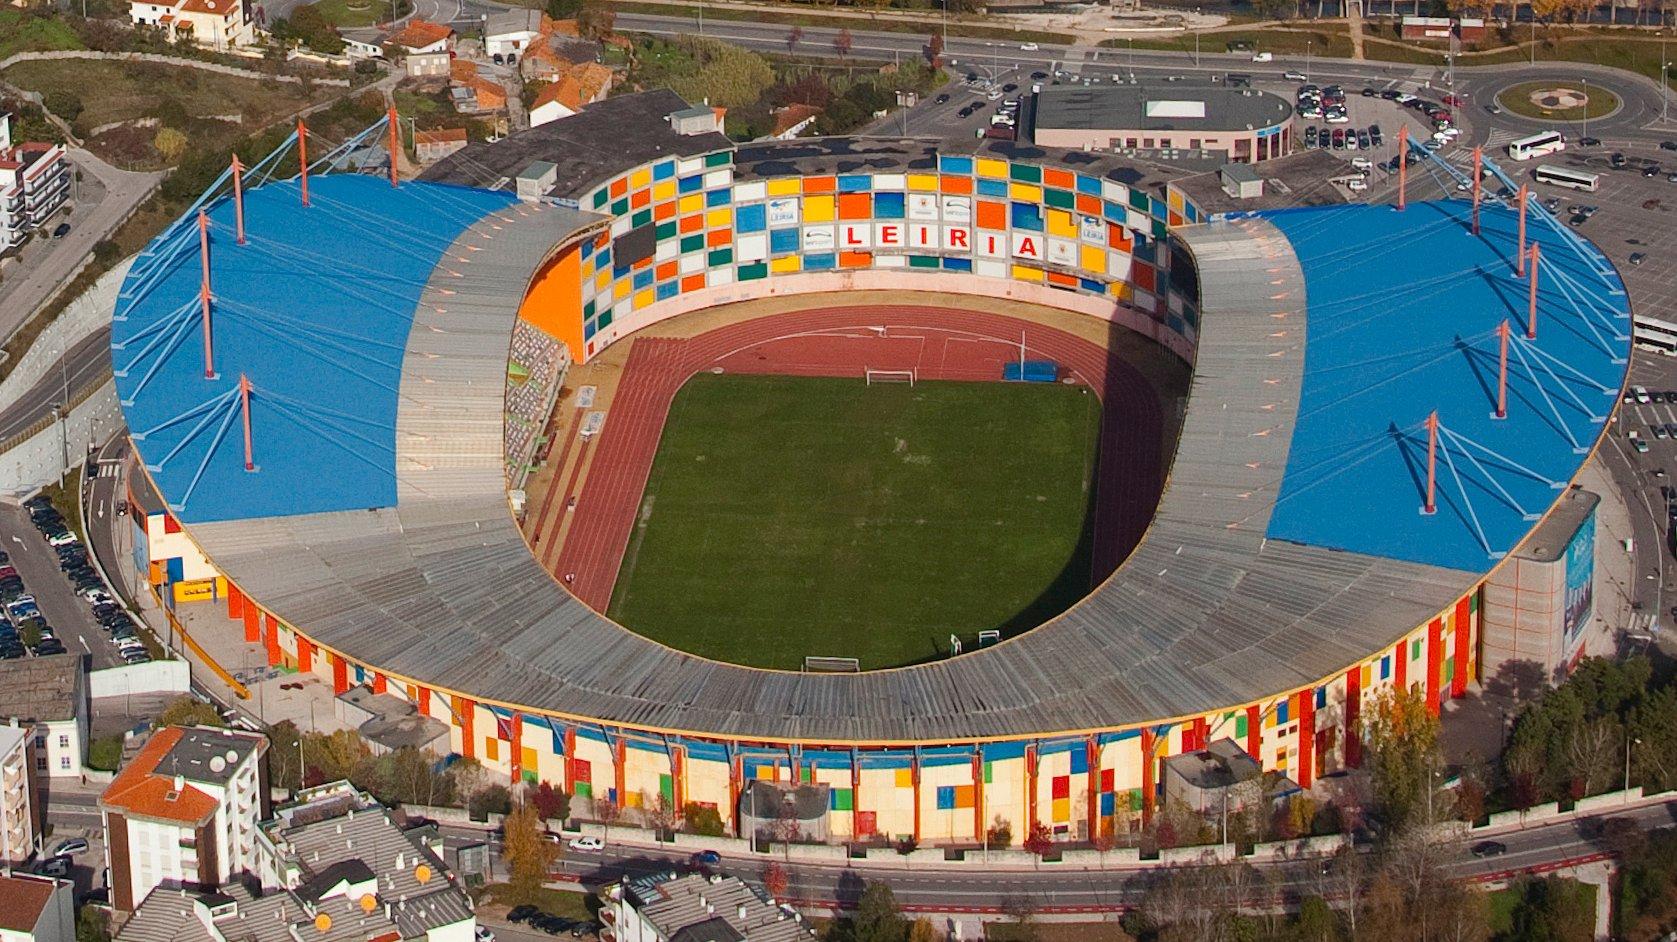 O Estádio Magalhães Pessoa em Leiria foi construido para o Europeu de 2014. Sob a administração do município Leiriense, é na organização de eventos desportivos e espétáculos que tem feito face ás despesas de nanutenção do estádio que consomem uma fatia larga do orçamento, 9 de maio de 2014, em Leiria, (Acompanha texto). PAULO CUNHA/LUSA